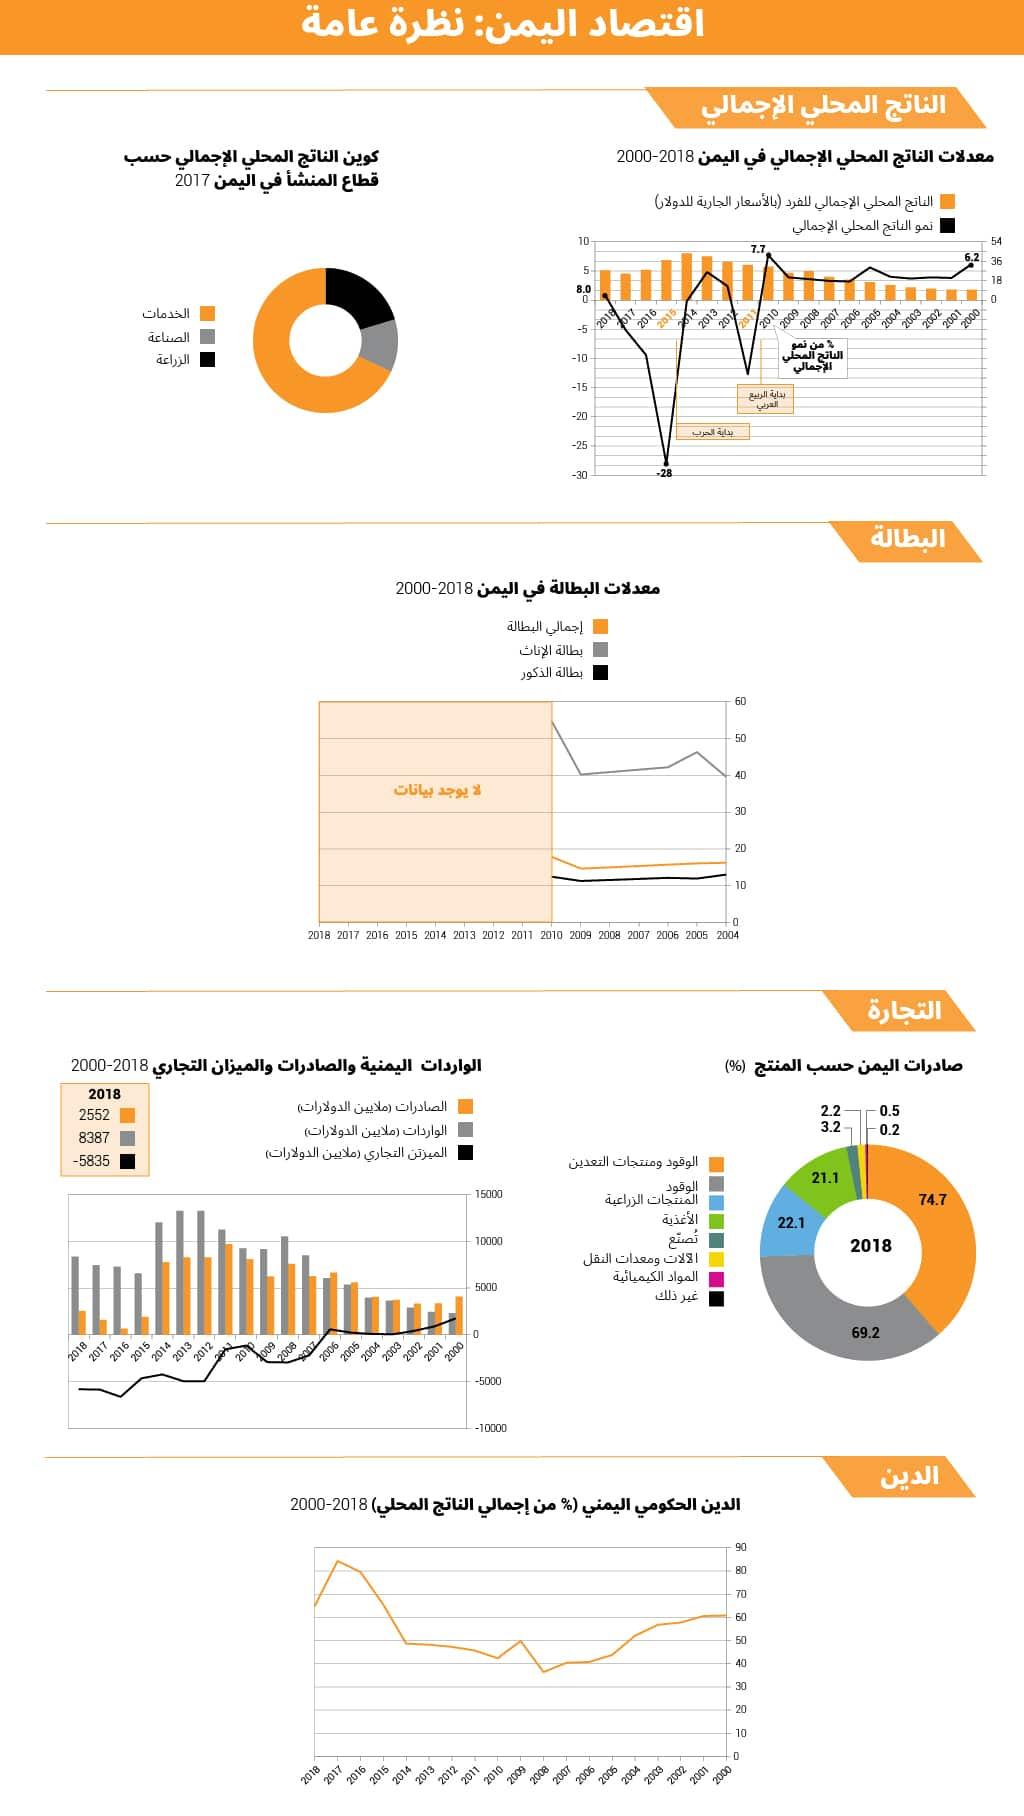 Economy of yemen